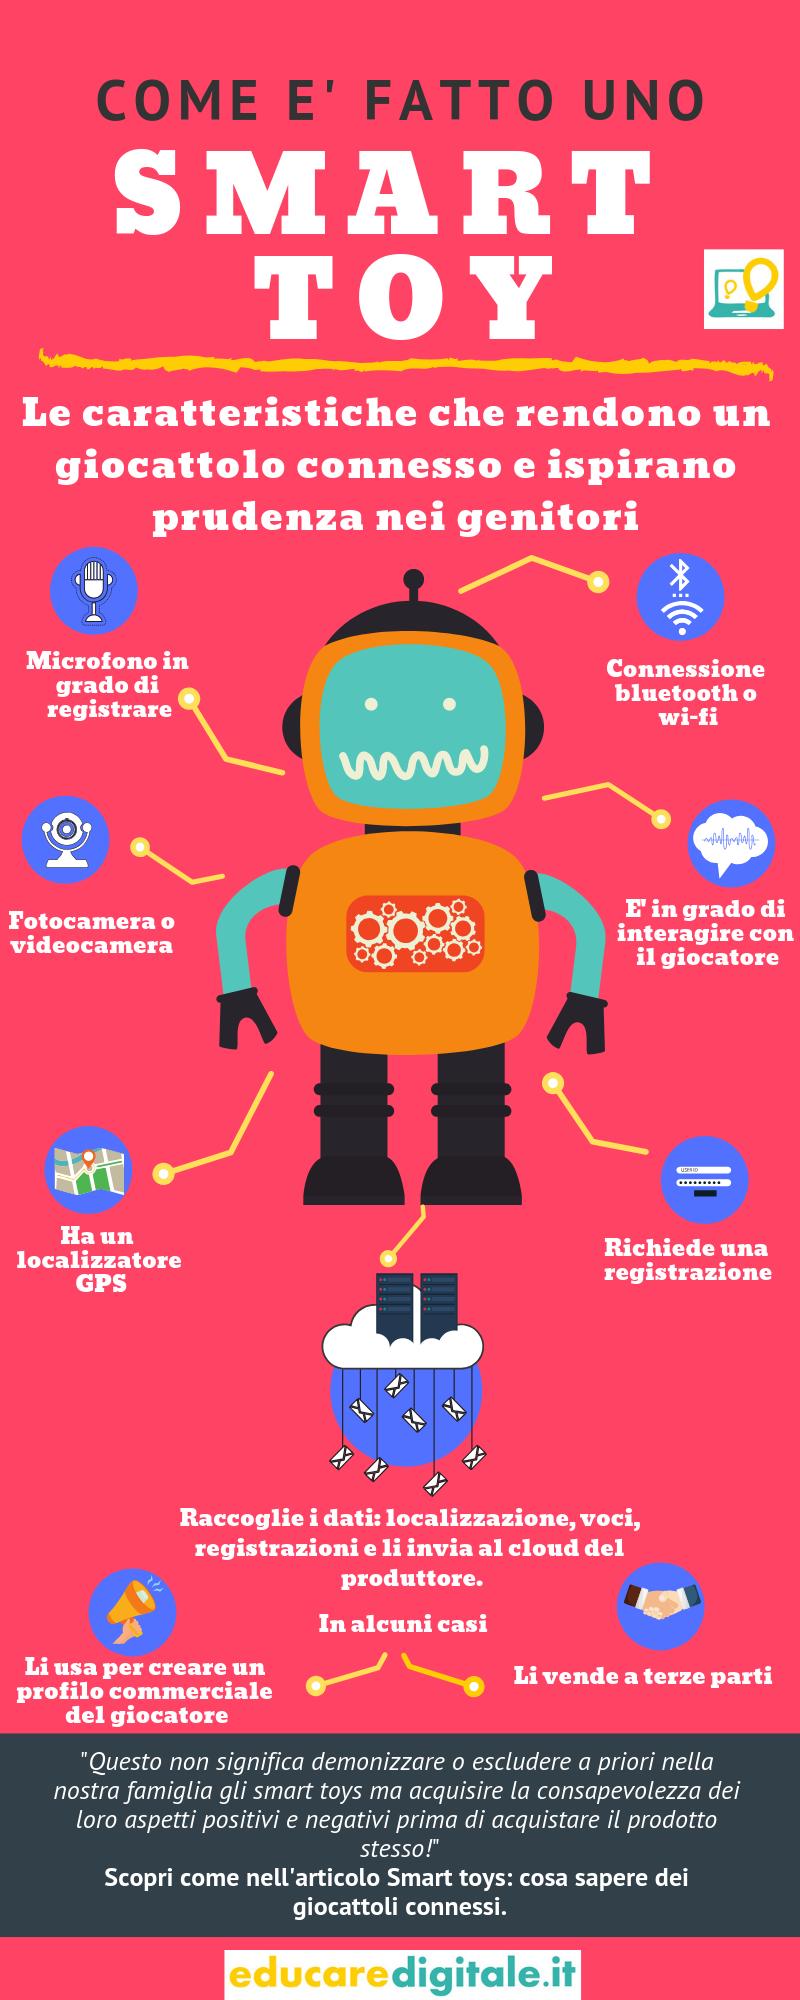 Le caratteristiche dei giocattoli connessi